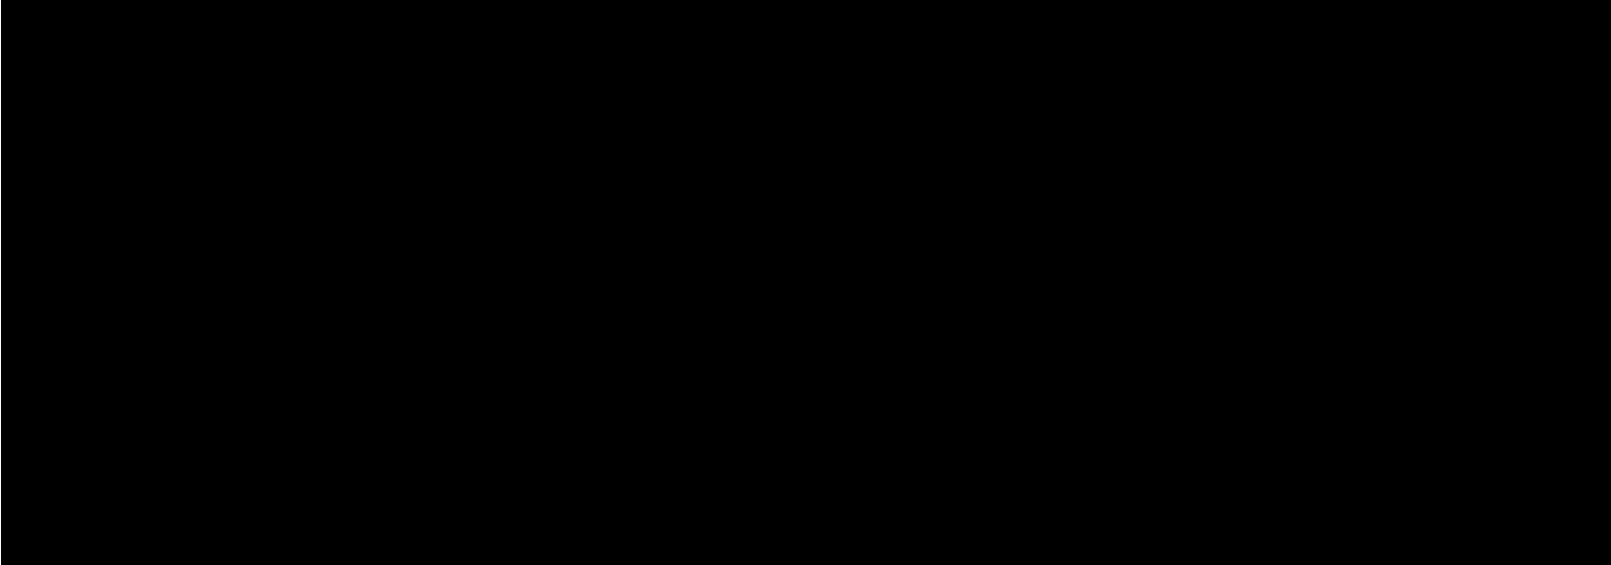 Resilient PLC's image